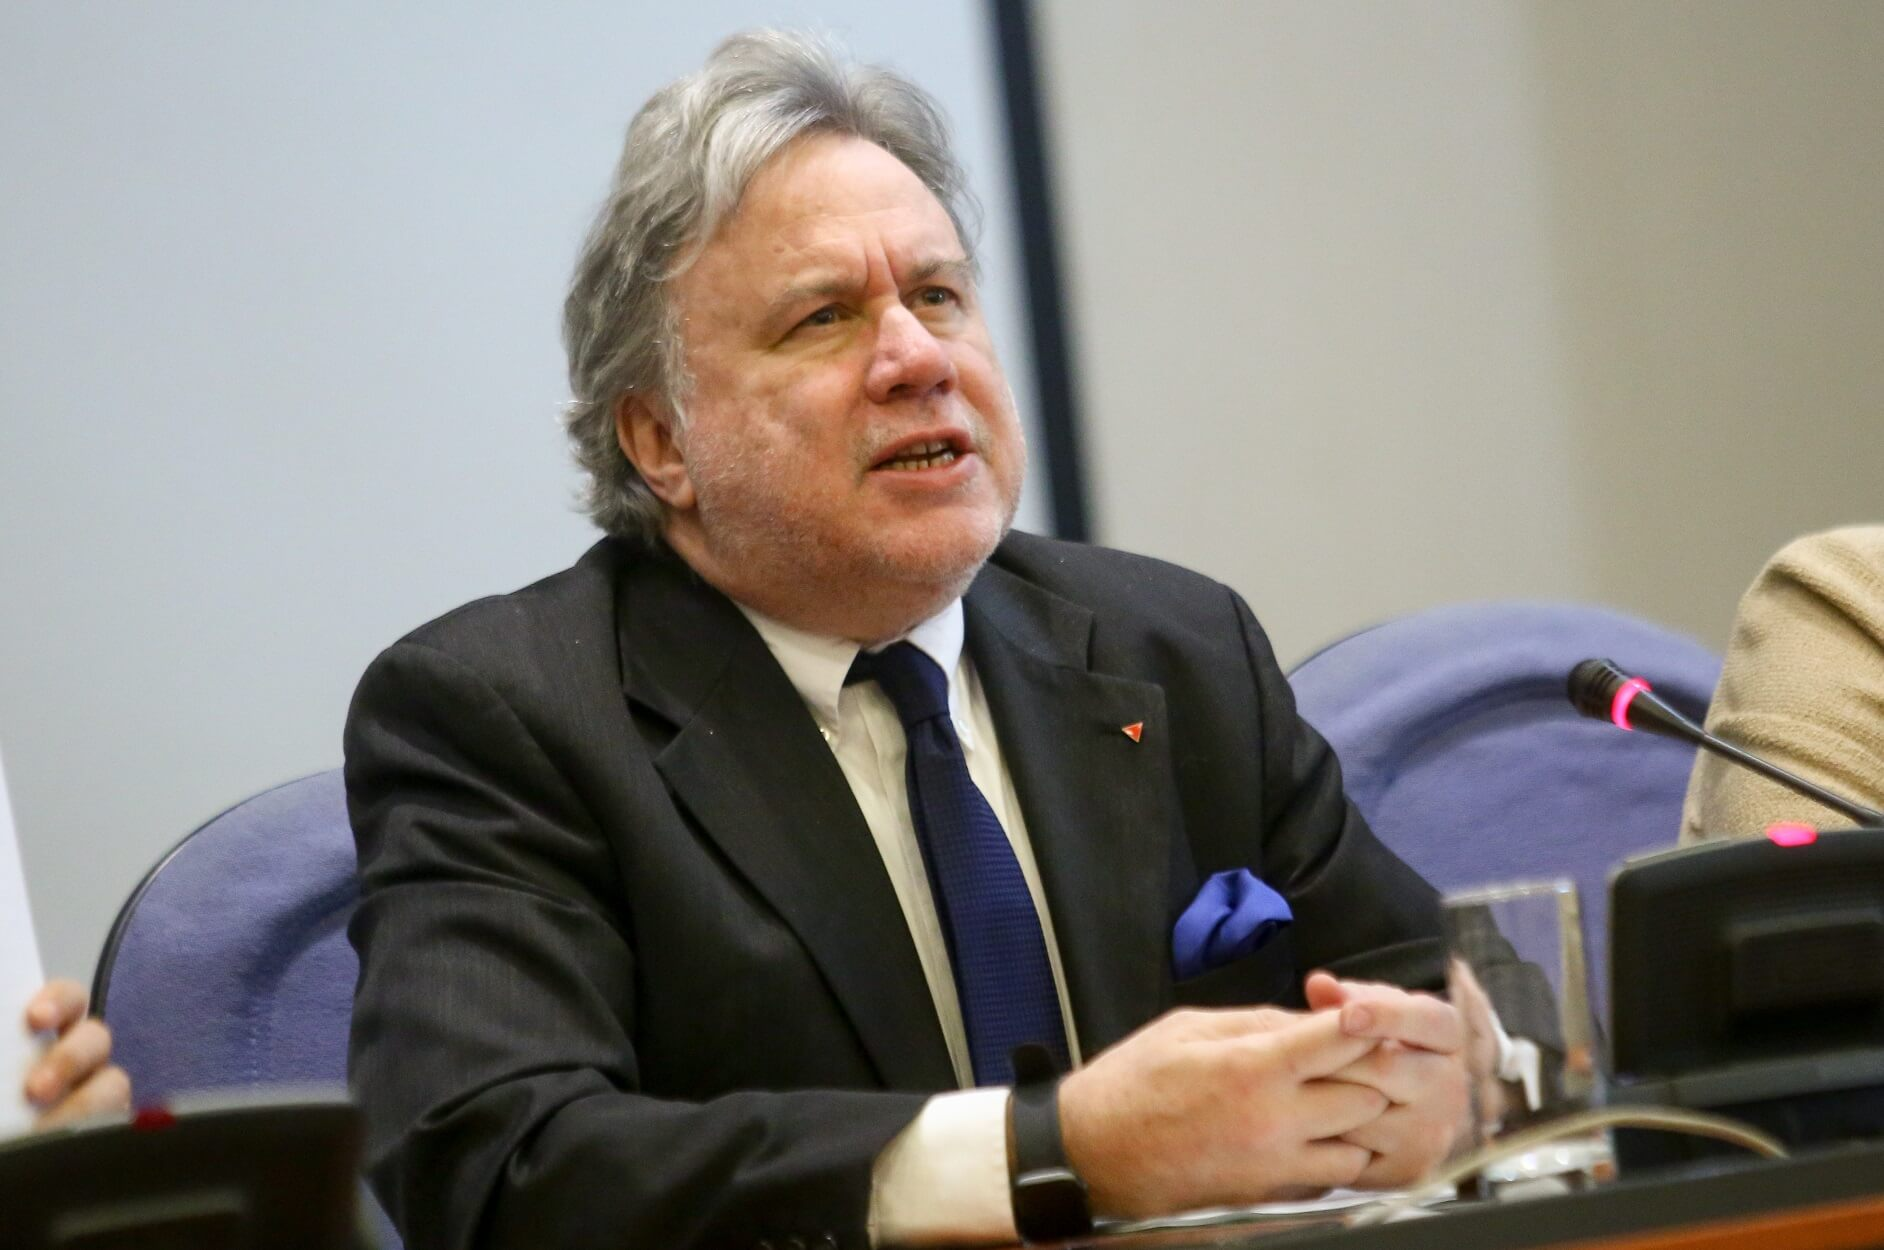 Κατρούγκαλος: Υποστηρίζουμε σθεναρά τα δικαιώματα της Ελληνικής μειονότητας στην Αλβανία